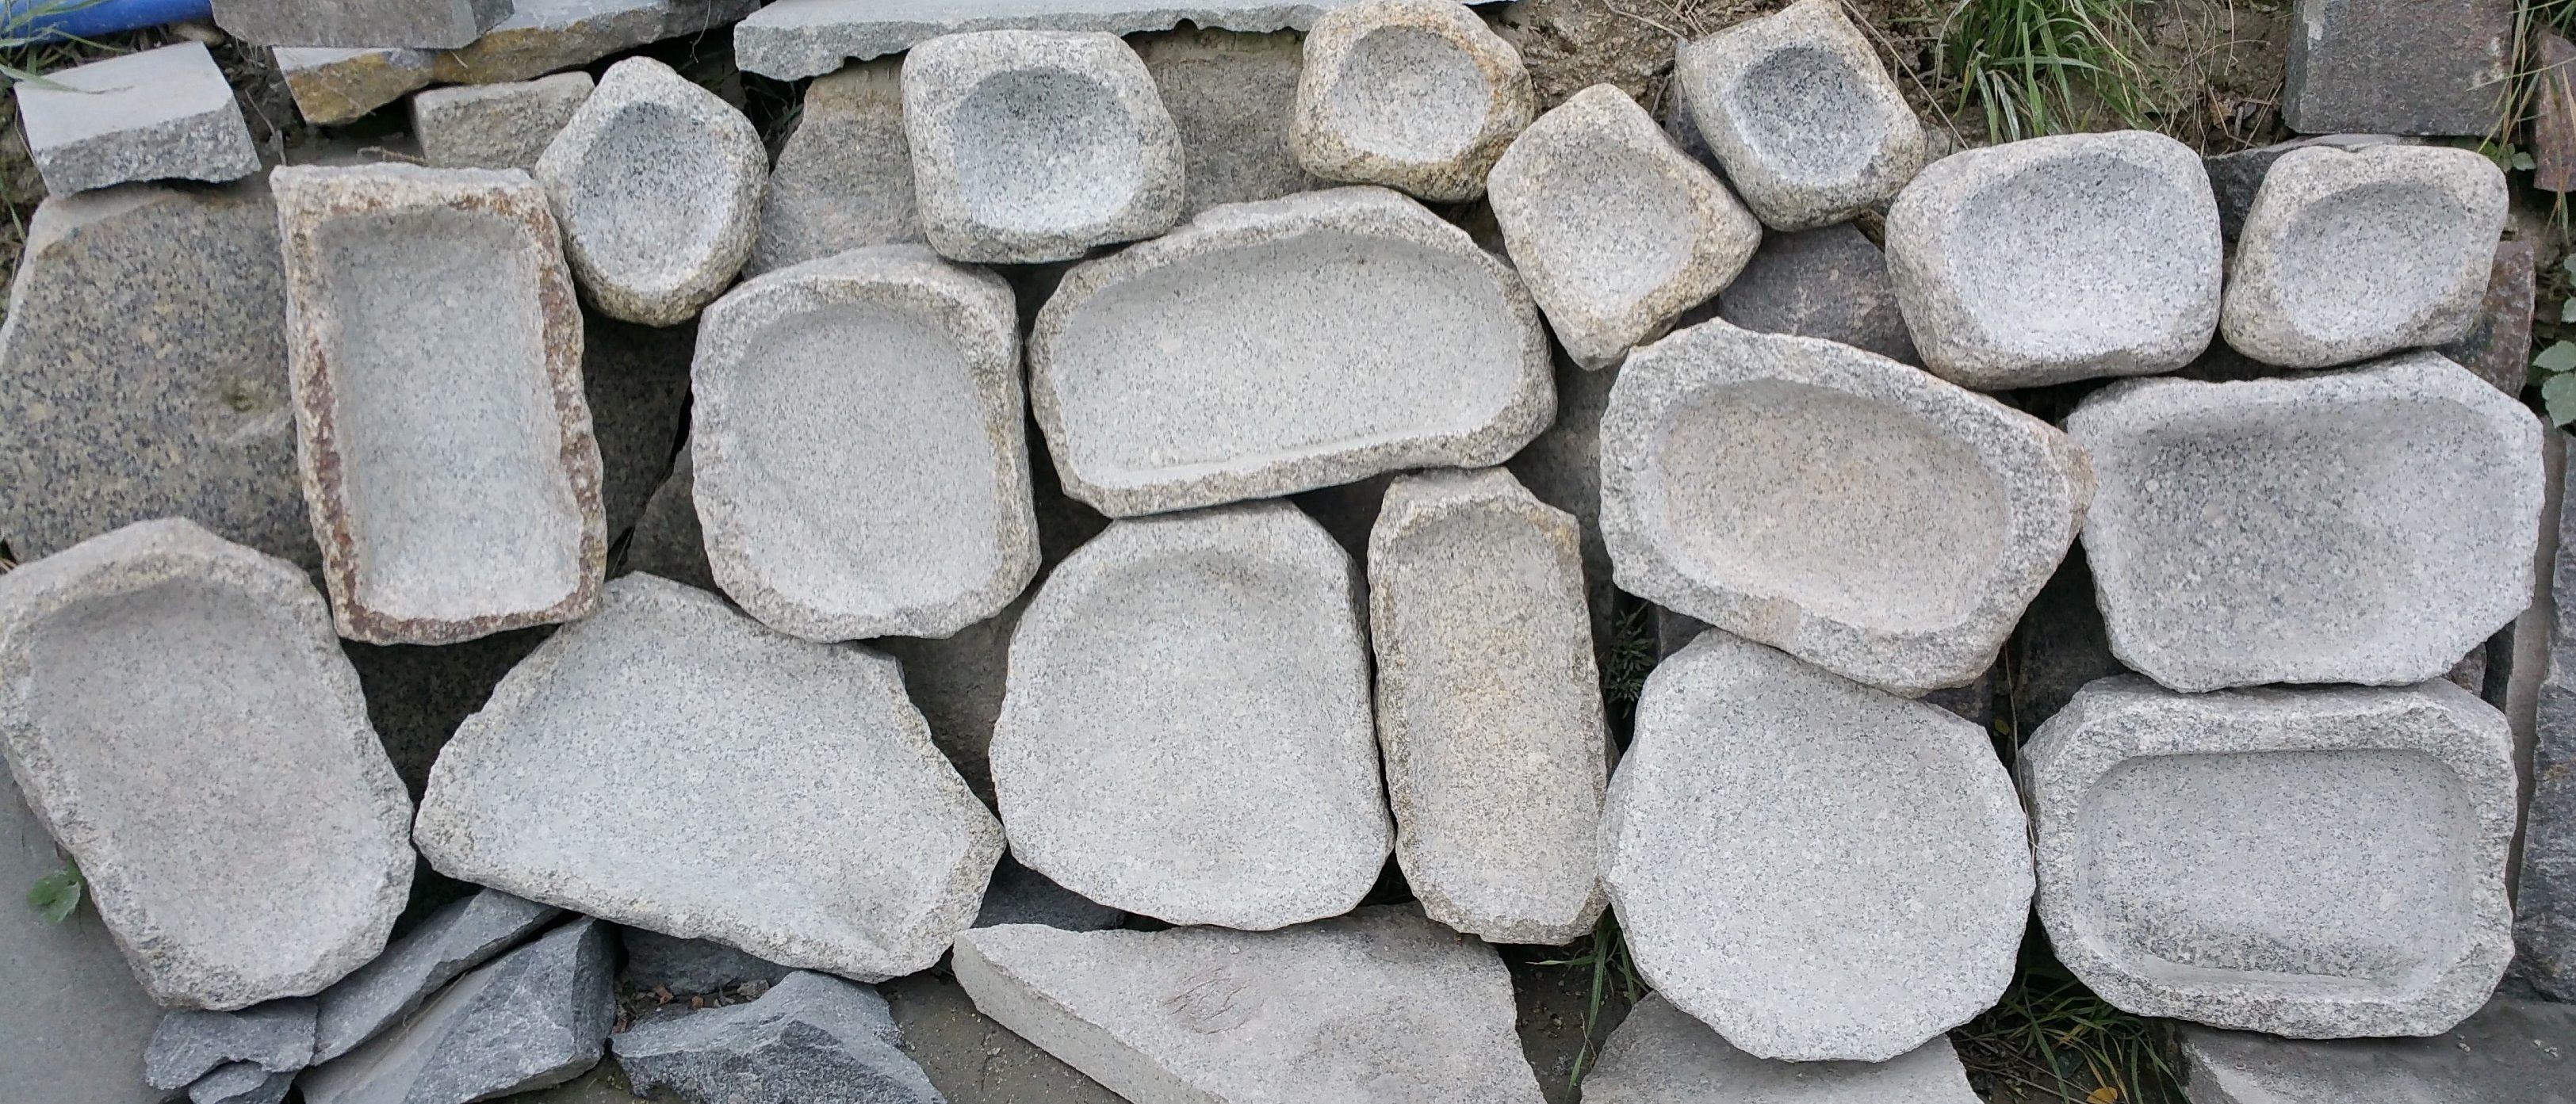 Wassertrog, Vogeltraenke aus Granit | Granit Brunnen von www.sgran ...